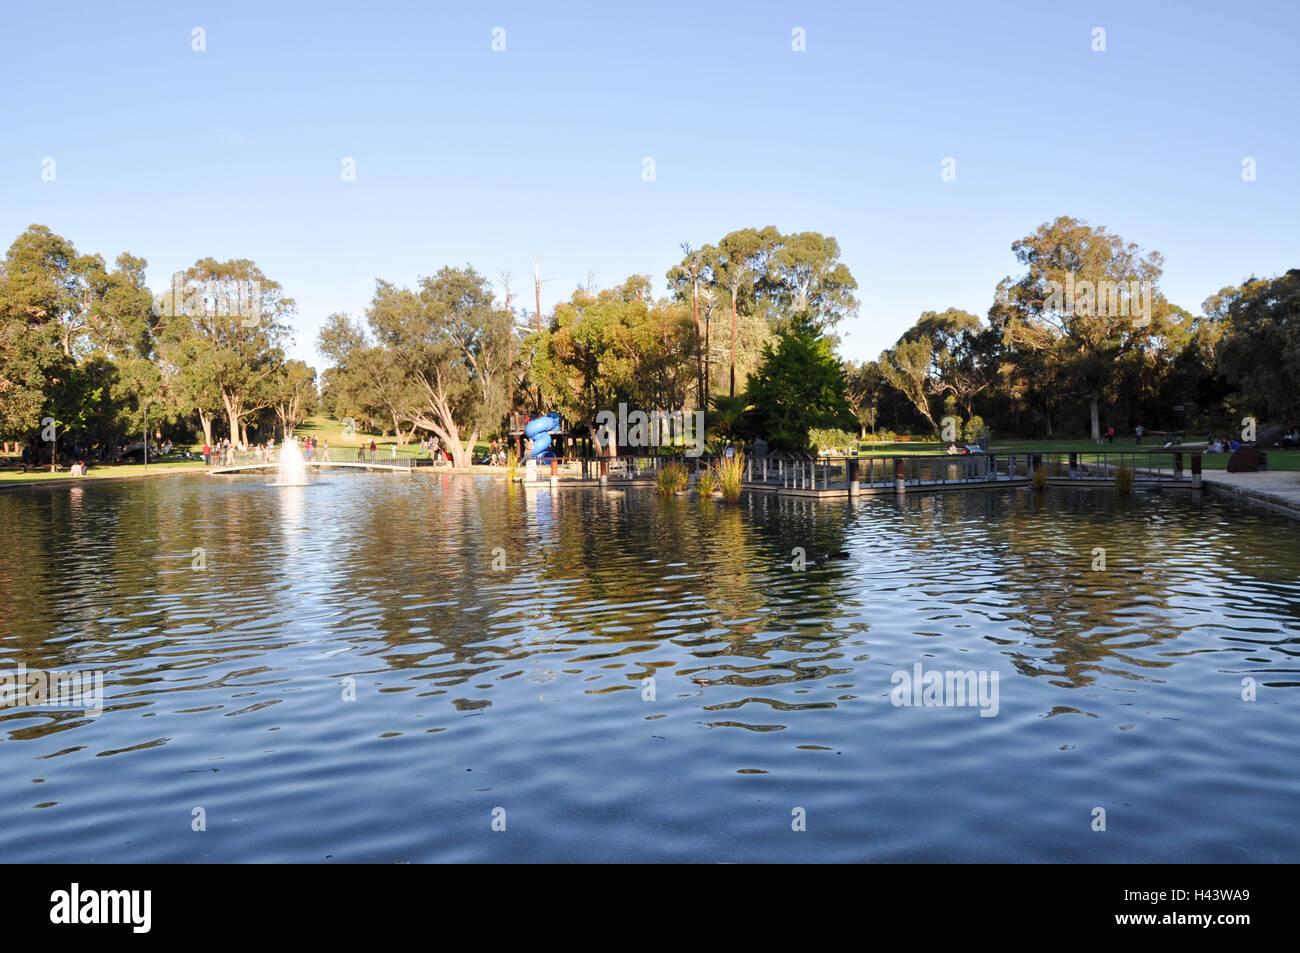 Perth, WA,Australia-October 19,2013:Sinergia Parkland en King's Park Gardens con turistas, estanque, árboles Imagen De Stock